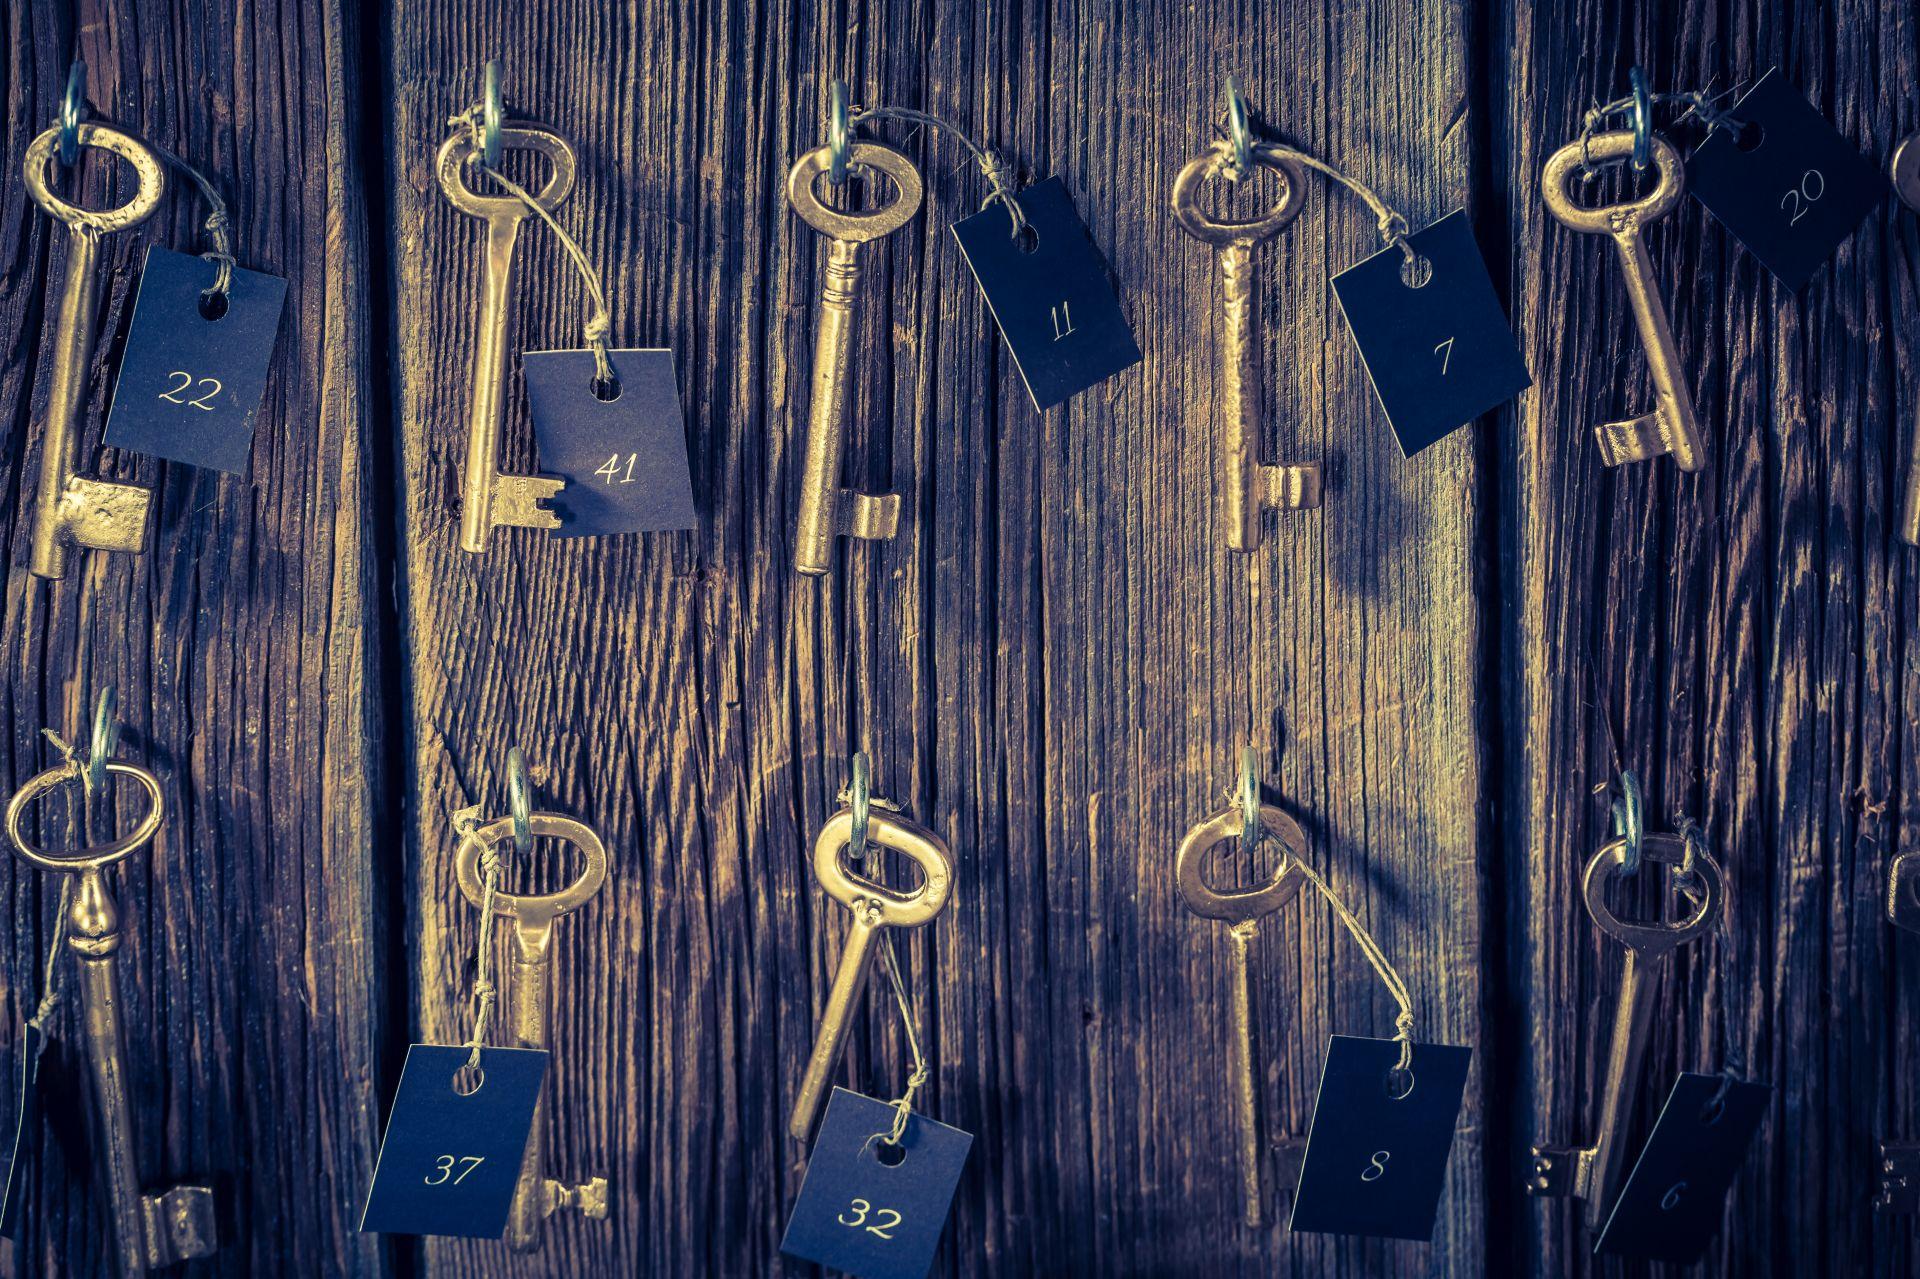 Klíče v hostelu